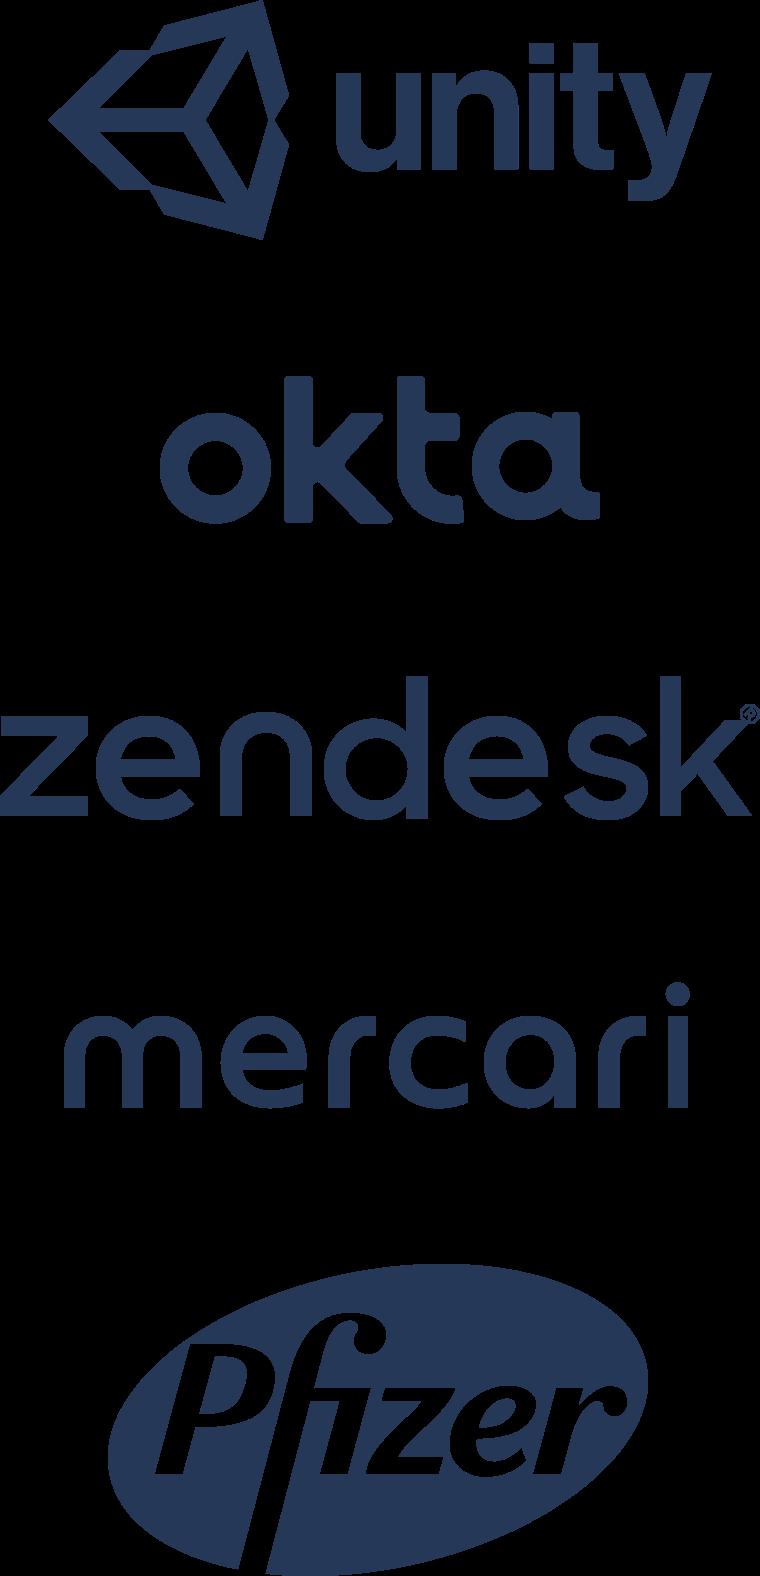 Logo Unity, Okta, Zendesk, Mercari, Pfizer